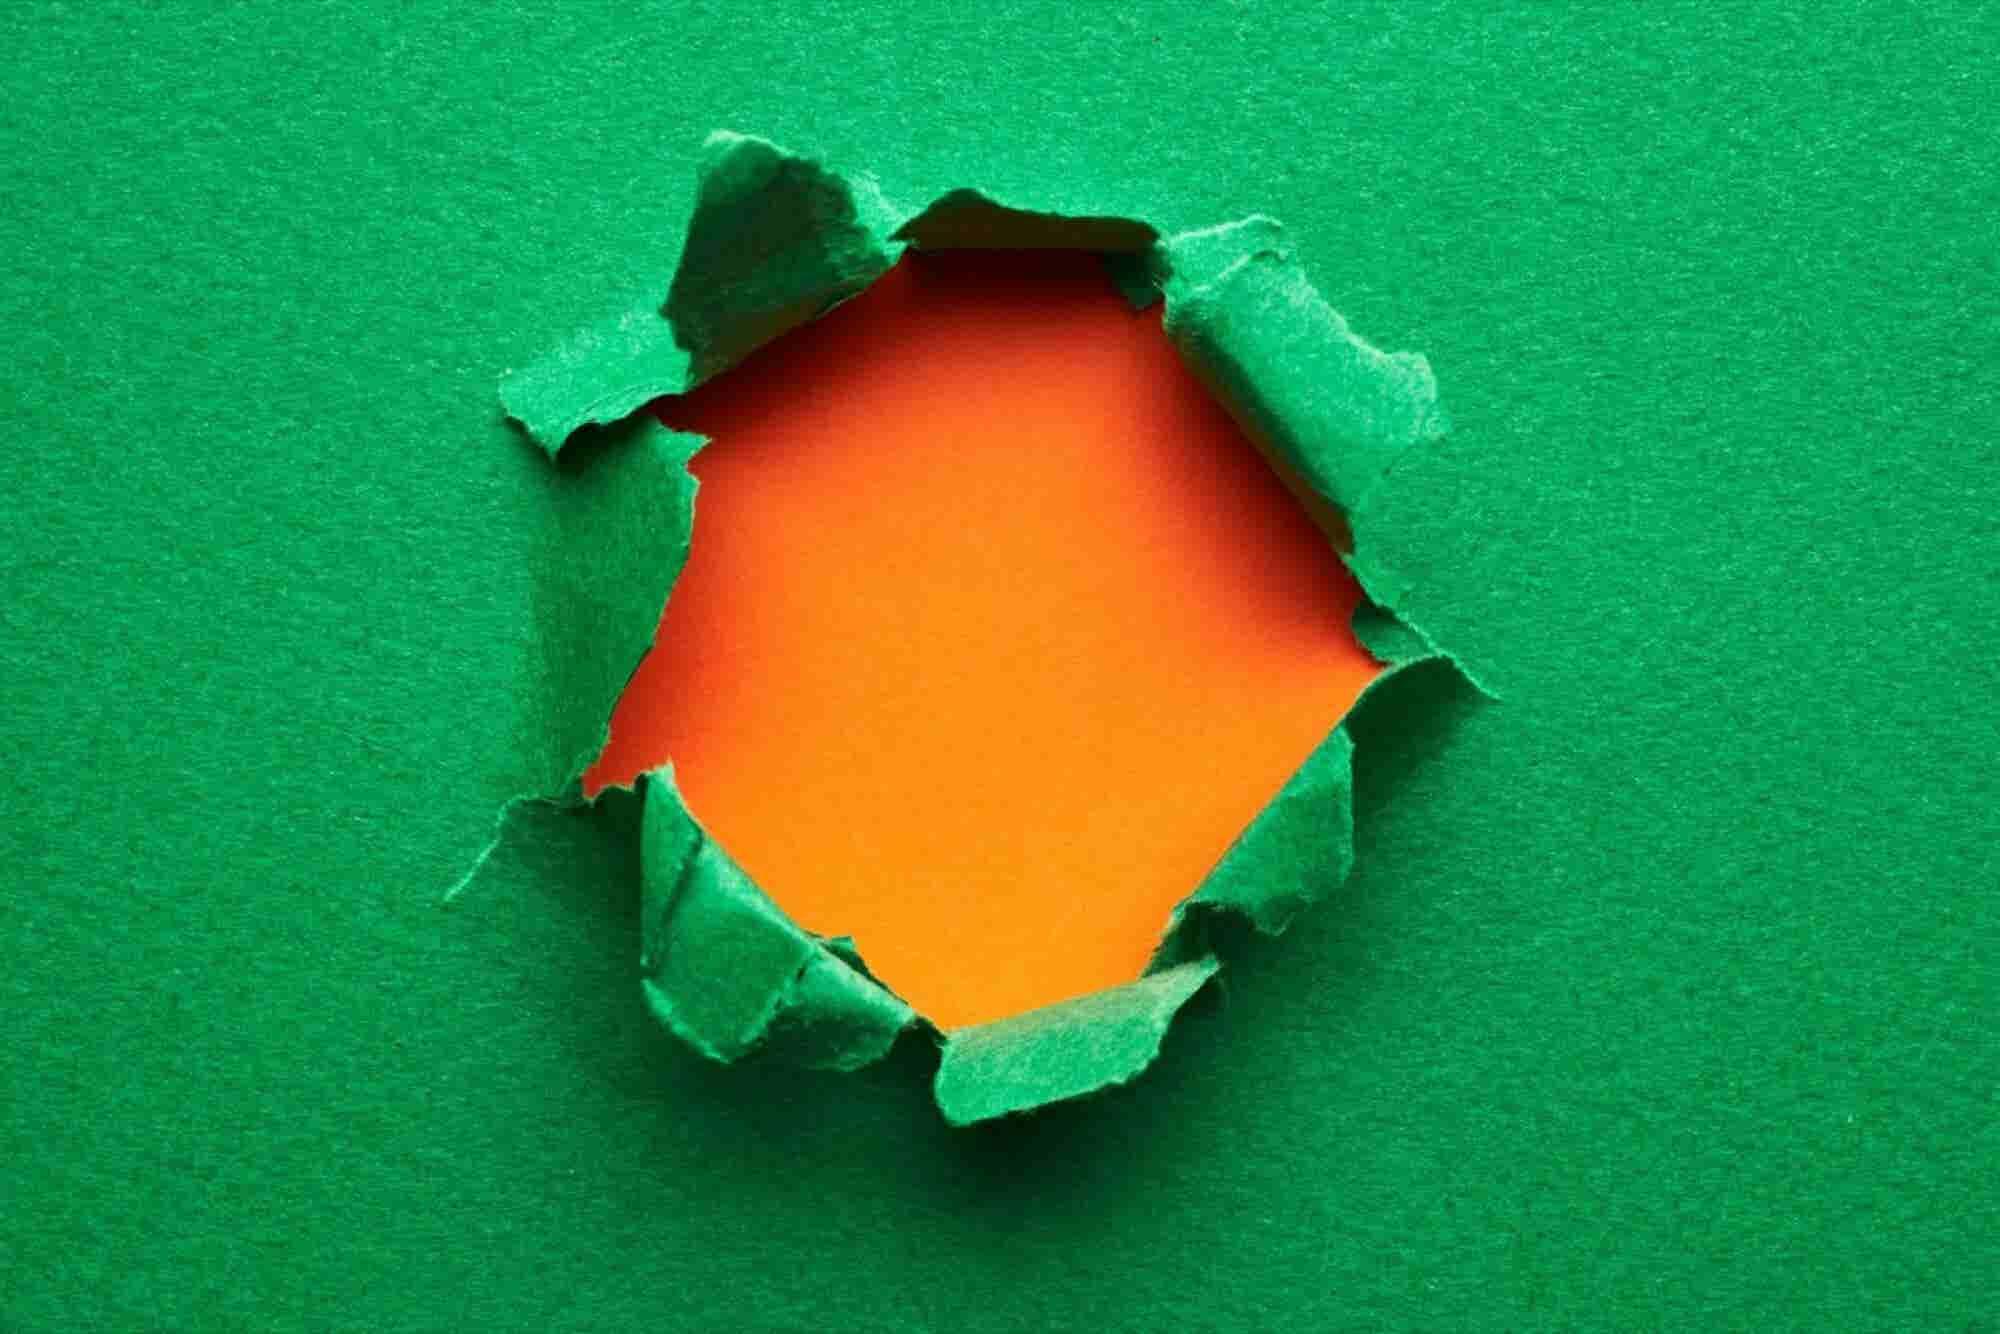 Destrucción creativa… ¿del pensamiento emprendedor?